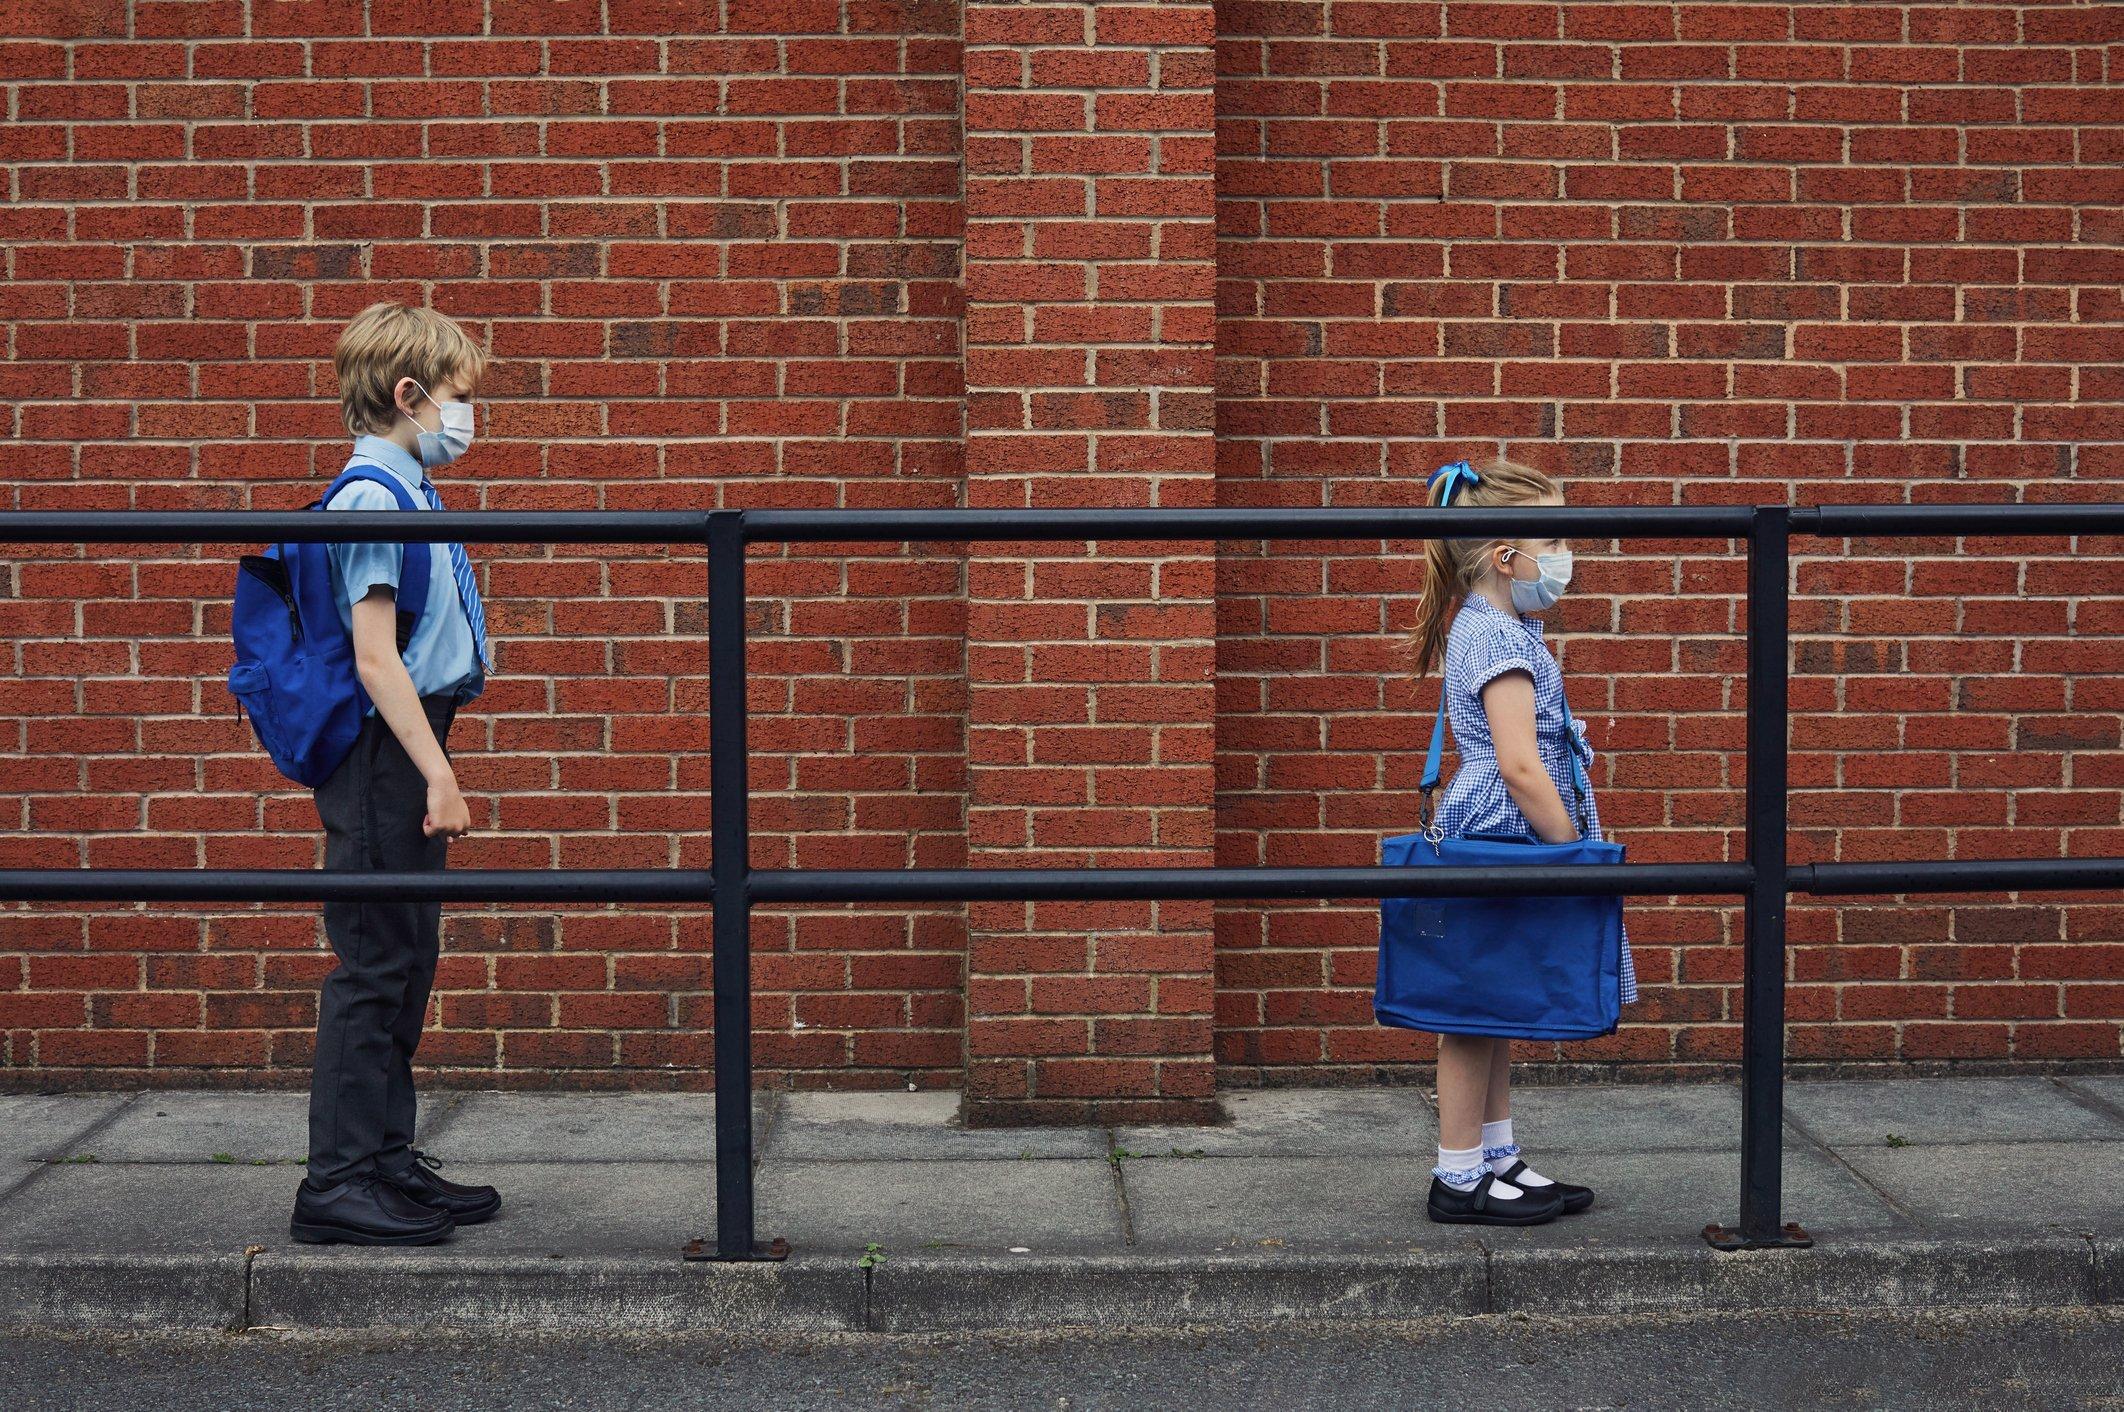 Crescem casos de covid-19 entre crianças na Inglaterra